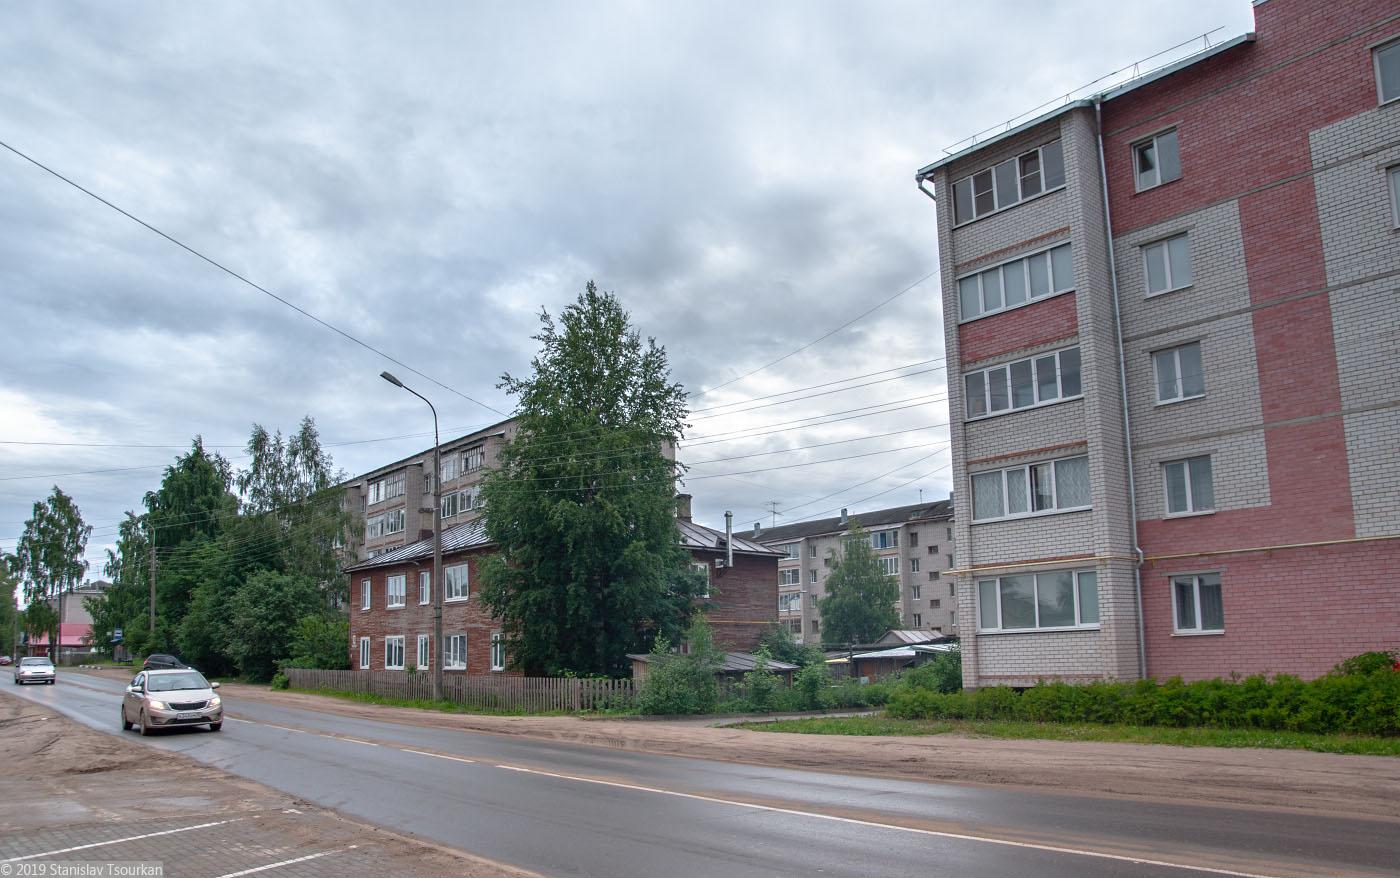 Вологодская область, Вологодчина, Великий устюг, Русский север, улица Неводчикова